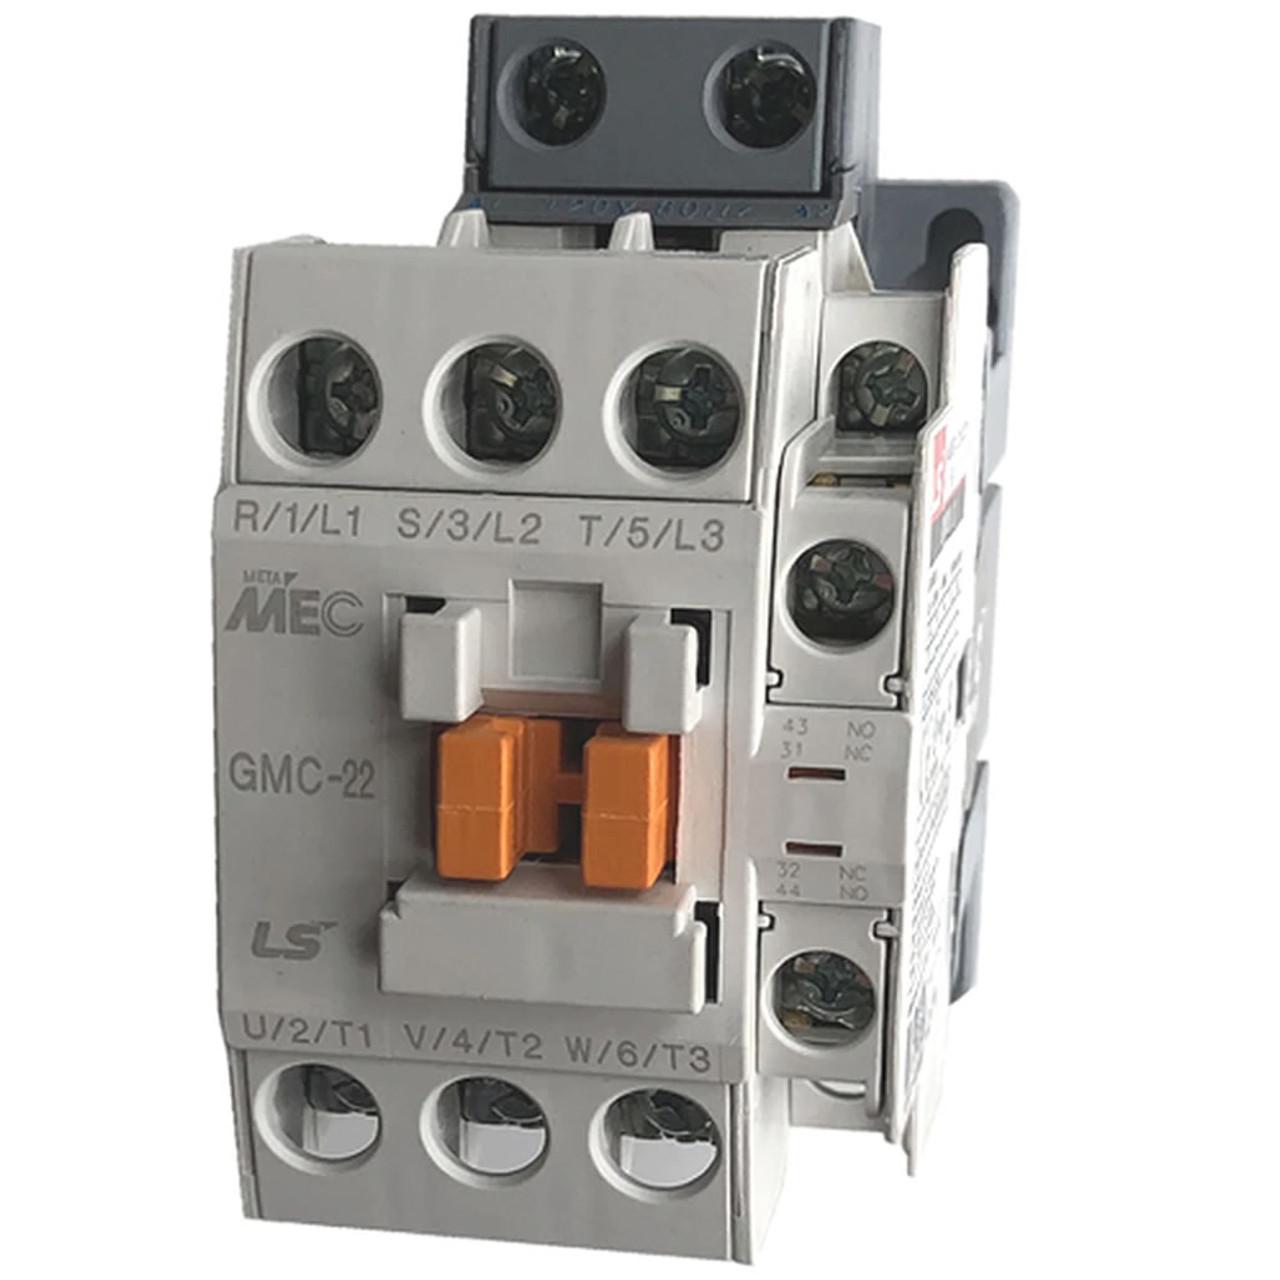 LS GMC-22-AC480 contactor